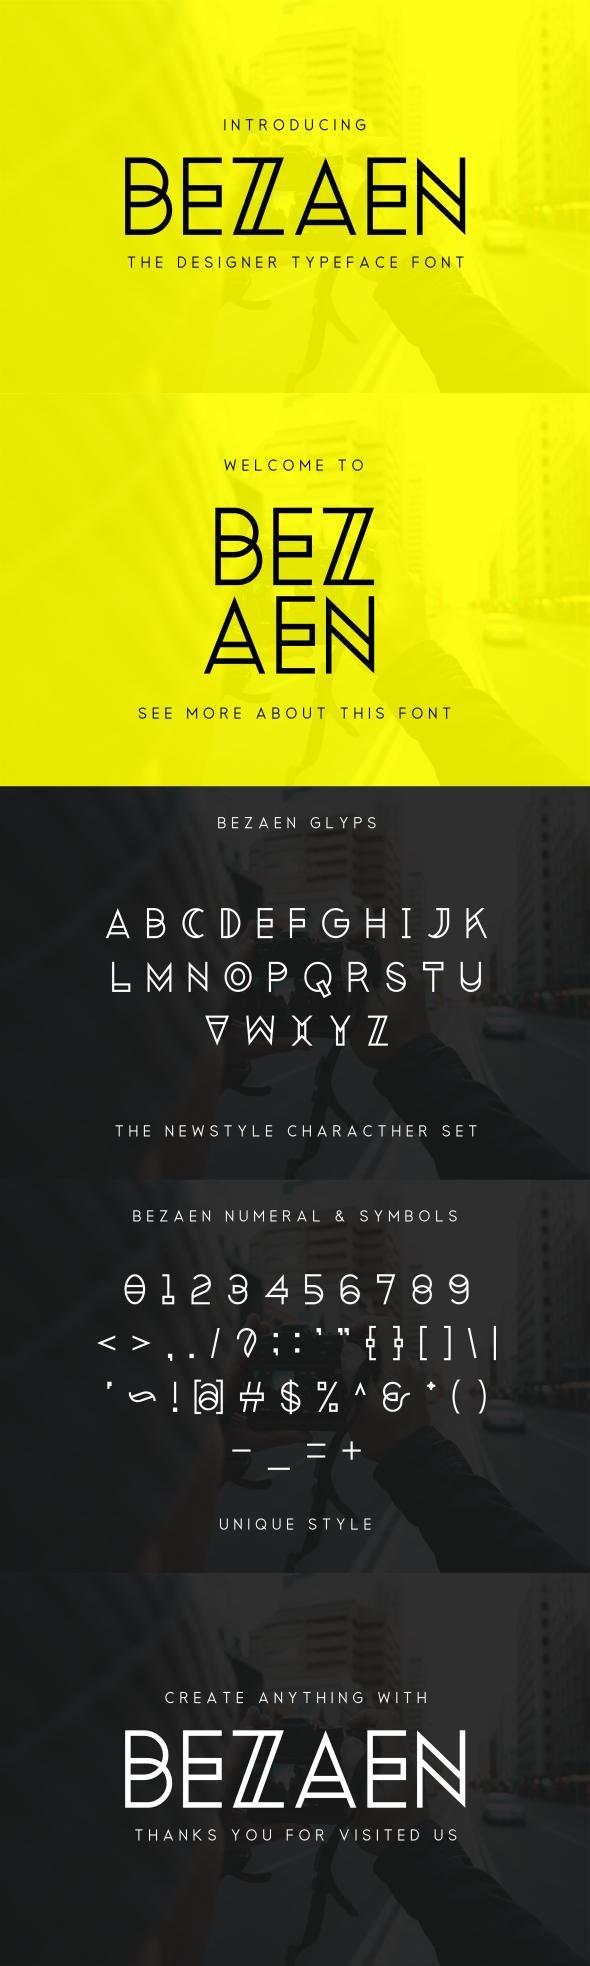 Bezaen Typeface - Sans-Serif Fonts